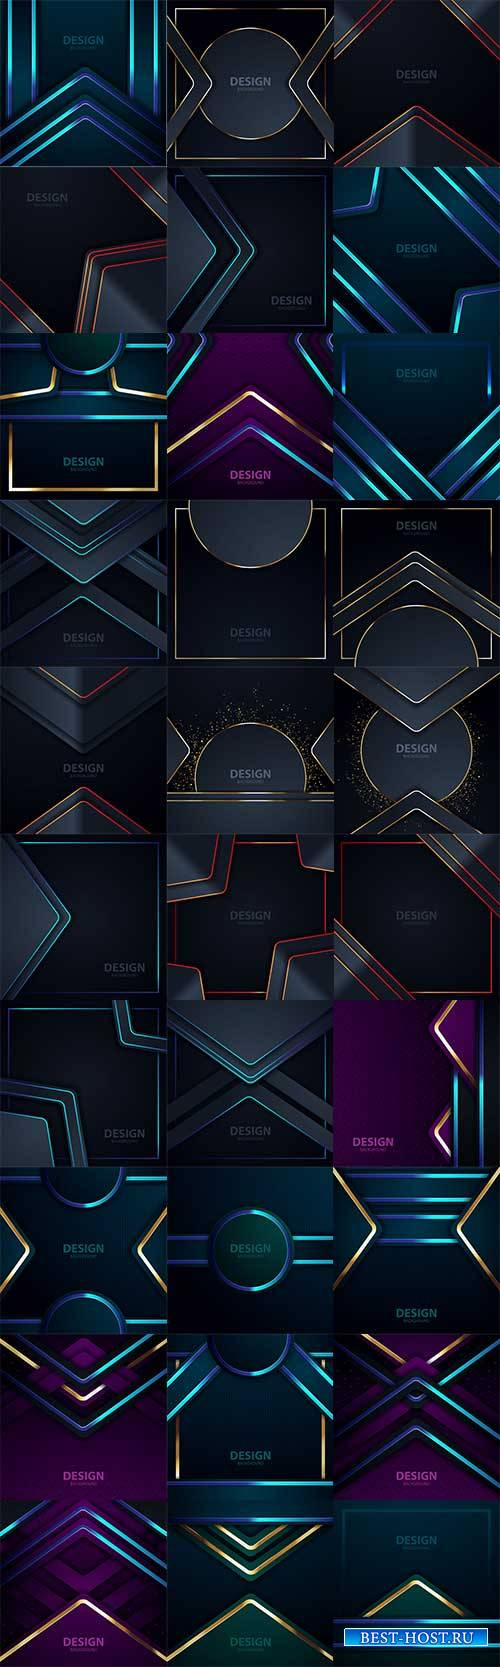 Тёмные фоны с абстрактными линиями - Векторный клипарт